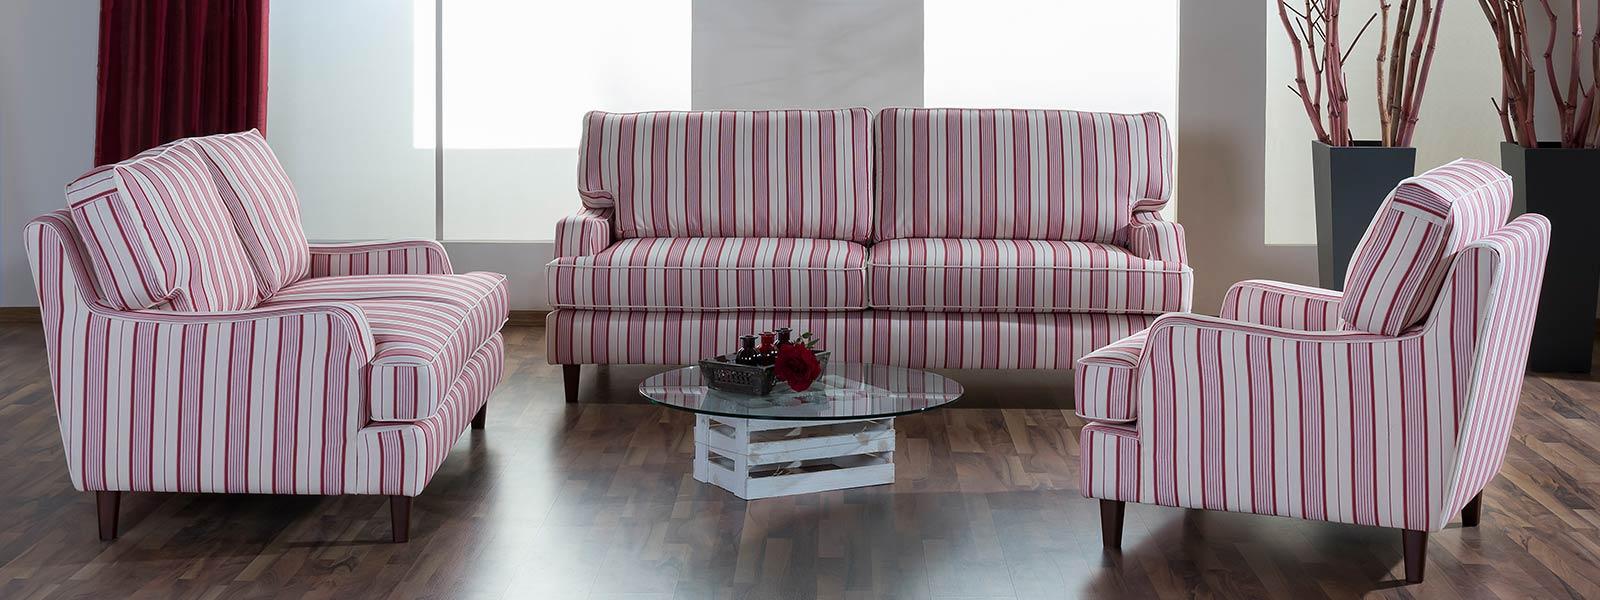 einzelsofas und garnituren penny von max winzer polsterm bel. Black Bedroom Furniture Sets. Home Design Ideas